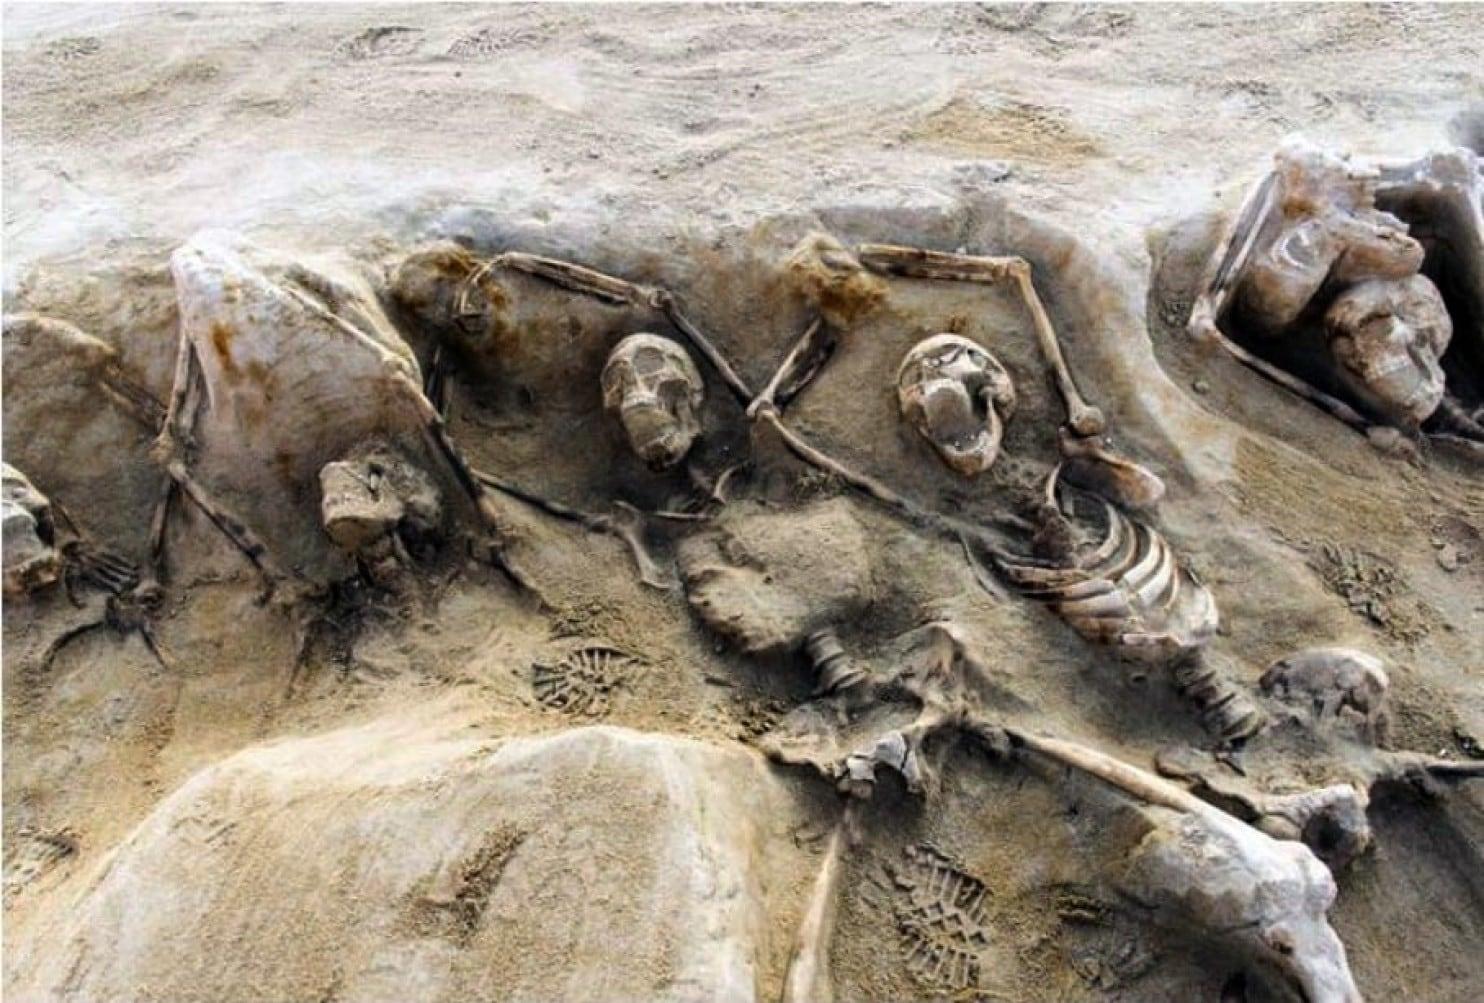 اكتشاف أكثر من 200 مقبرة جماعية في العراق